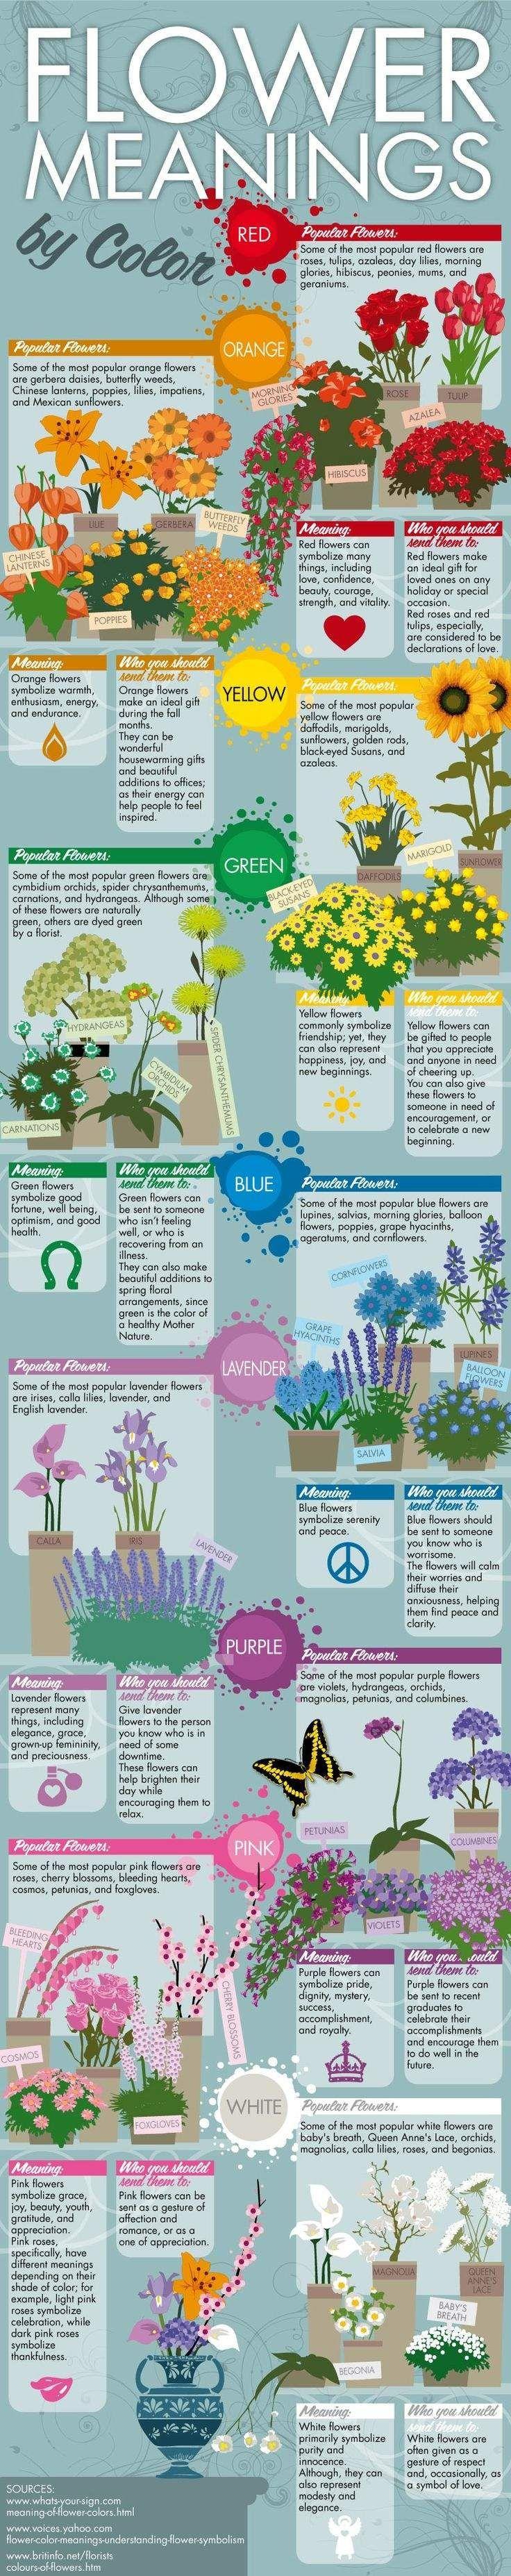 765 Best Diys Images On Pinterest Floral Arrangements Floral